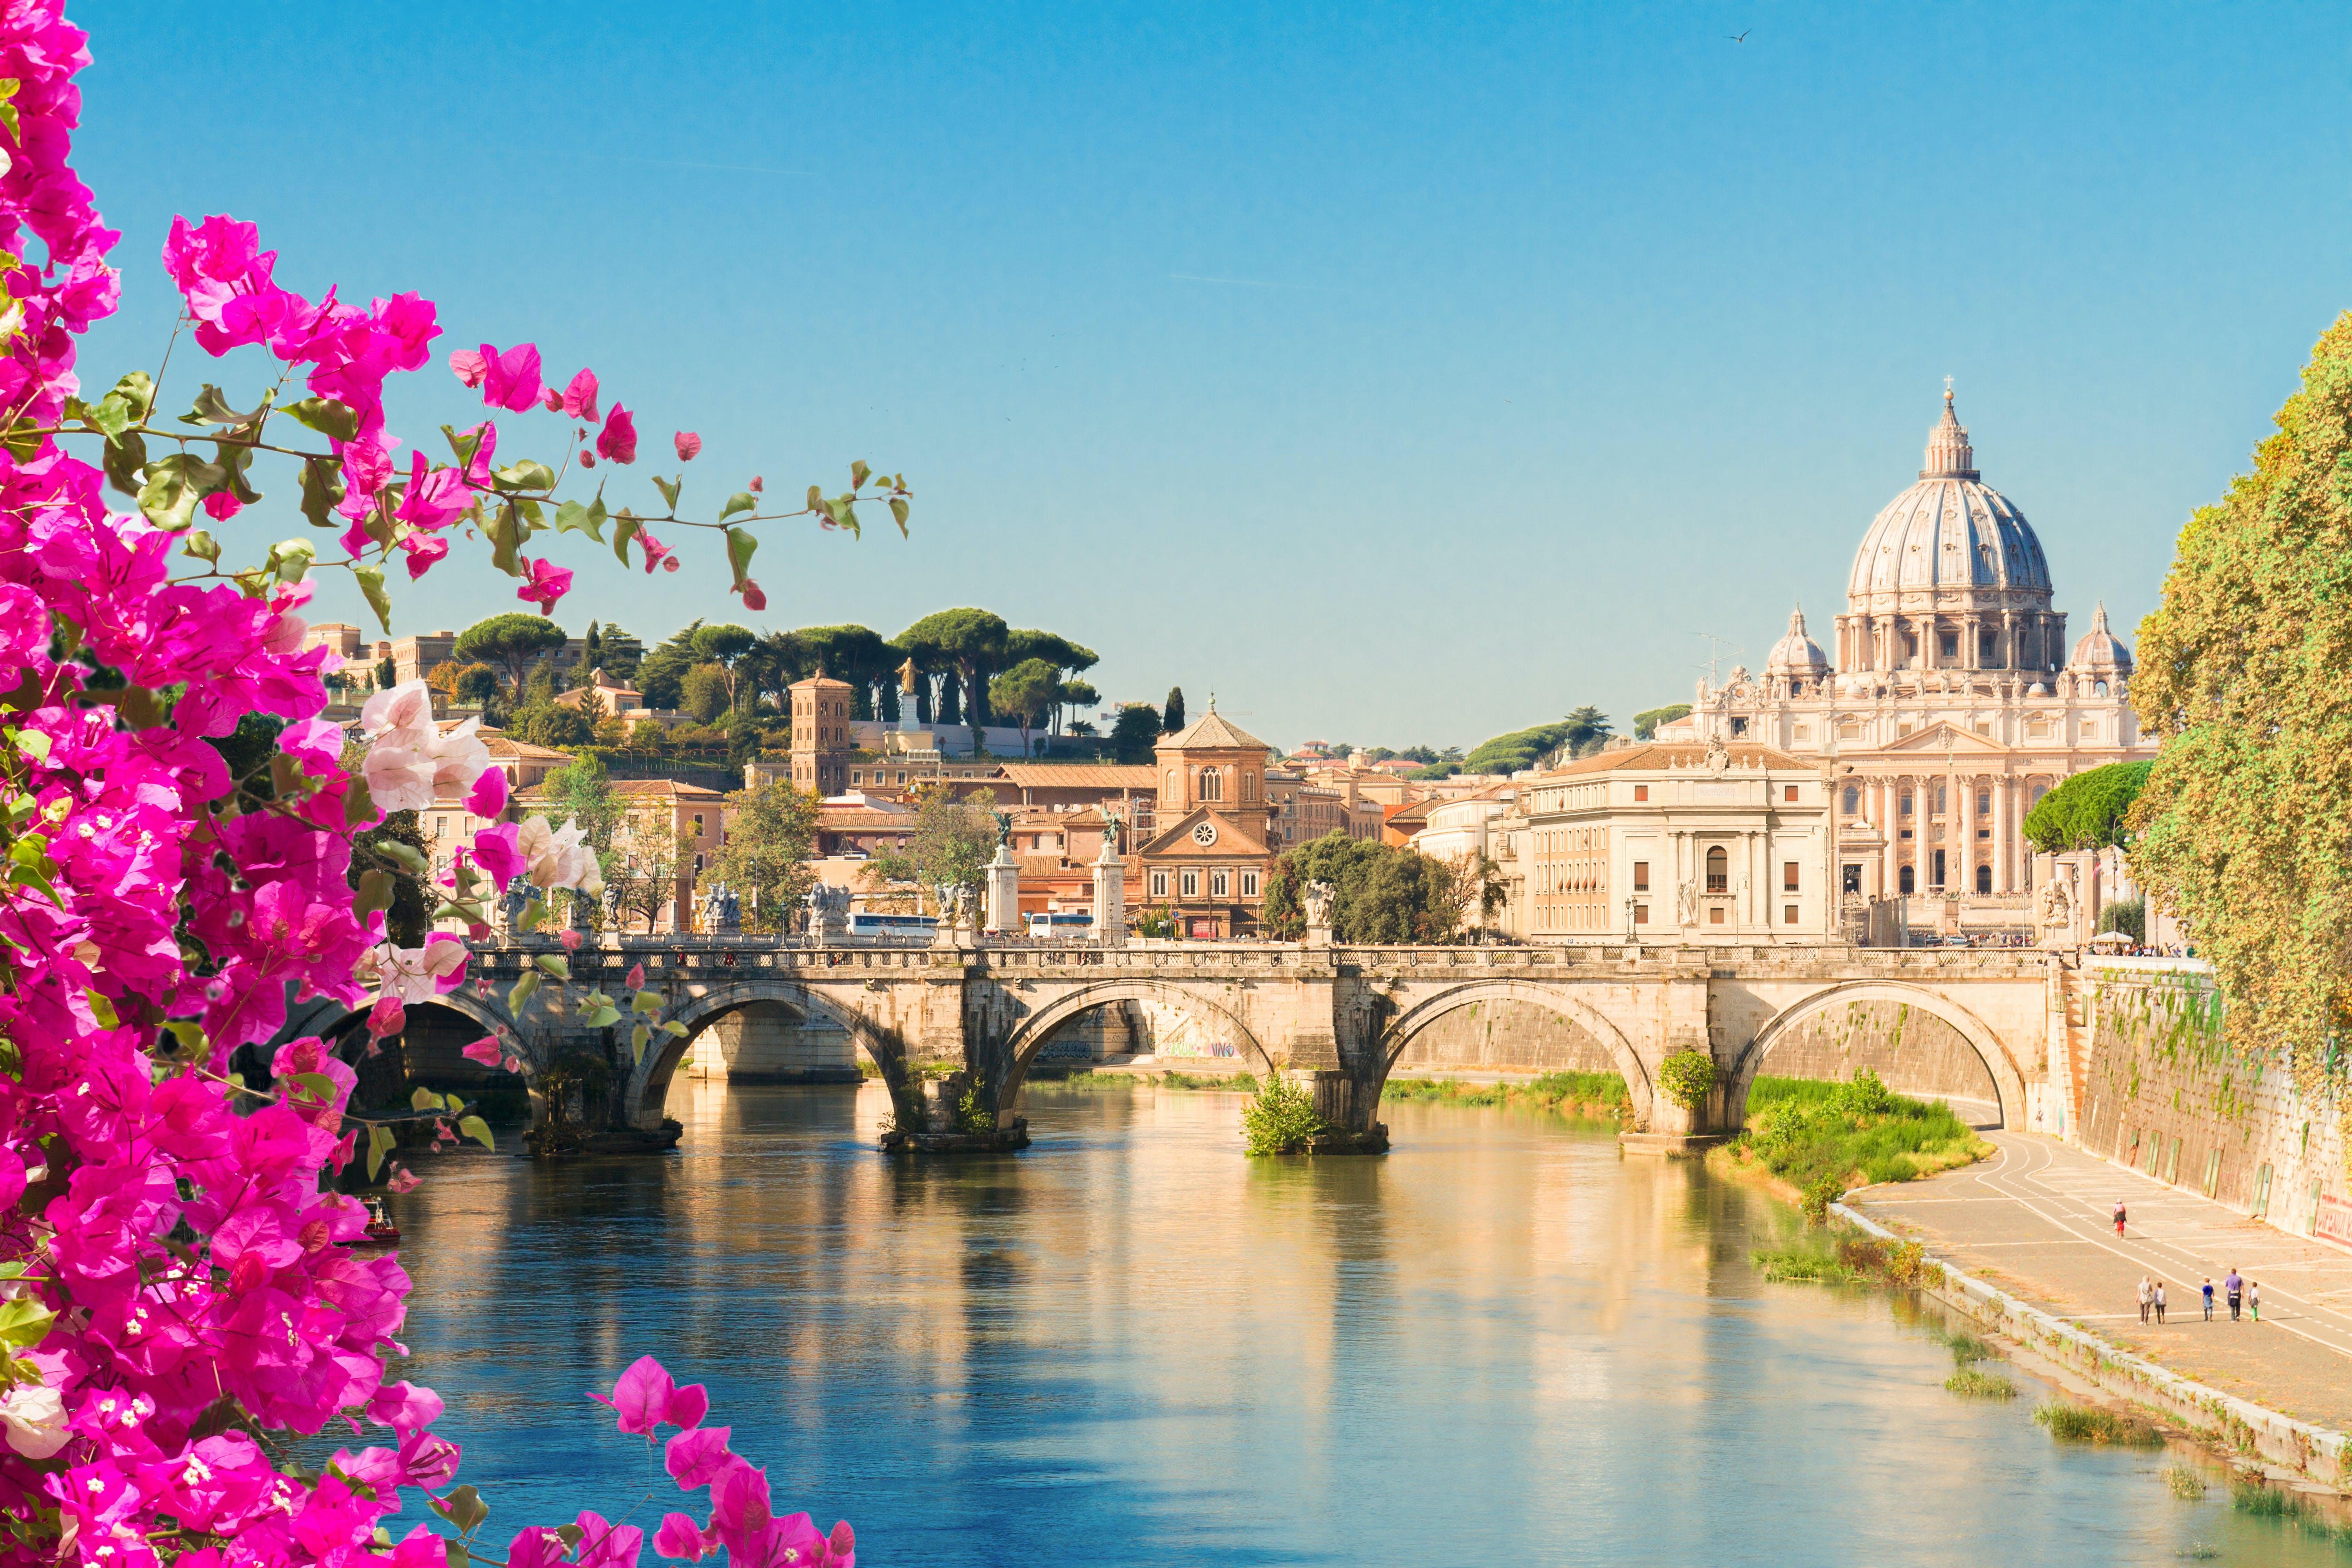 Ervaar een andere kant van Rome terwijl je langs de mooiste bezienswaardigheden fietst